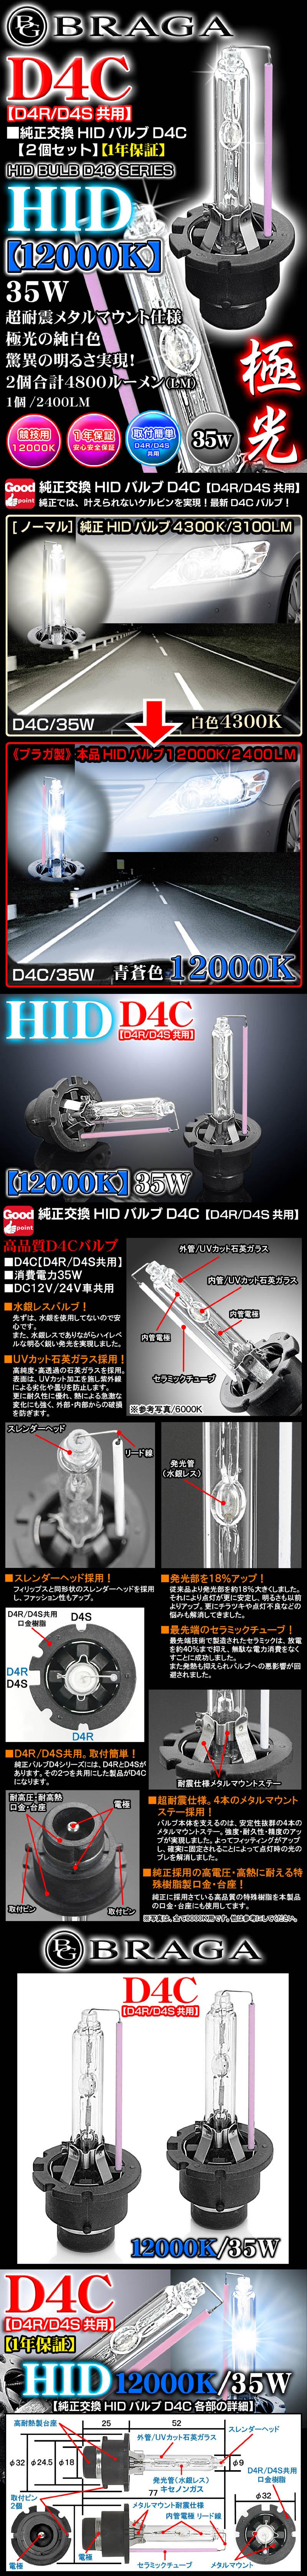 ブラガ製《12000K》D4C[D4R・D4S共用]タイプ1【2個セット】純正交換HIDバルブ/バーナー12V/24V共用